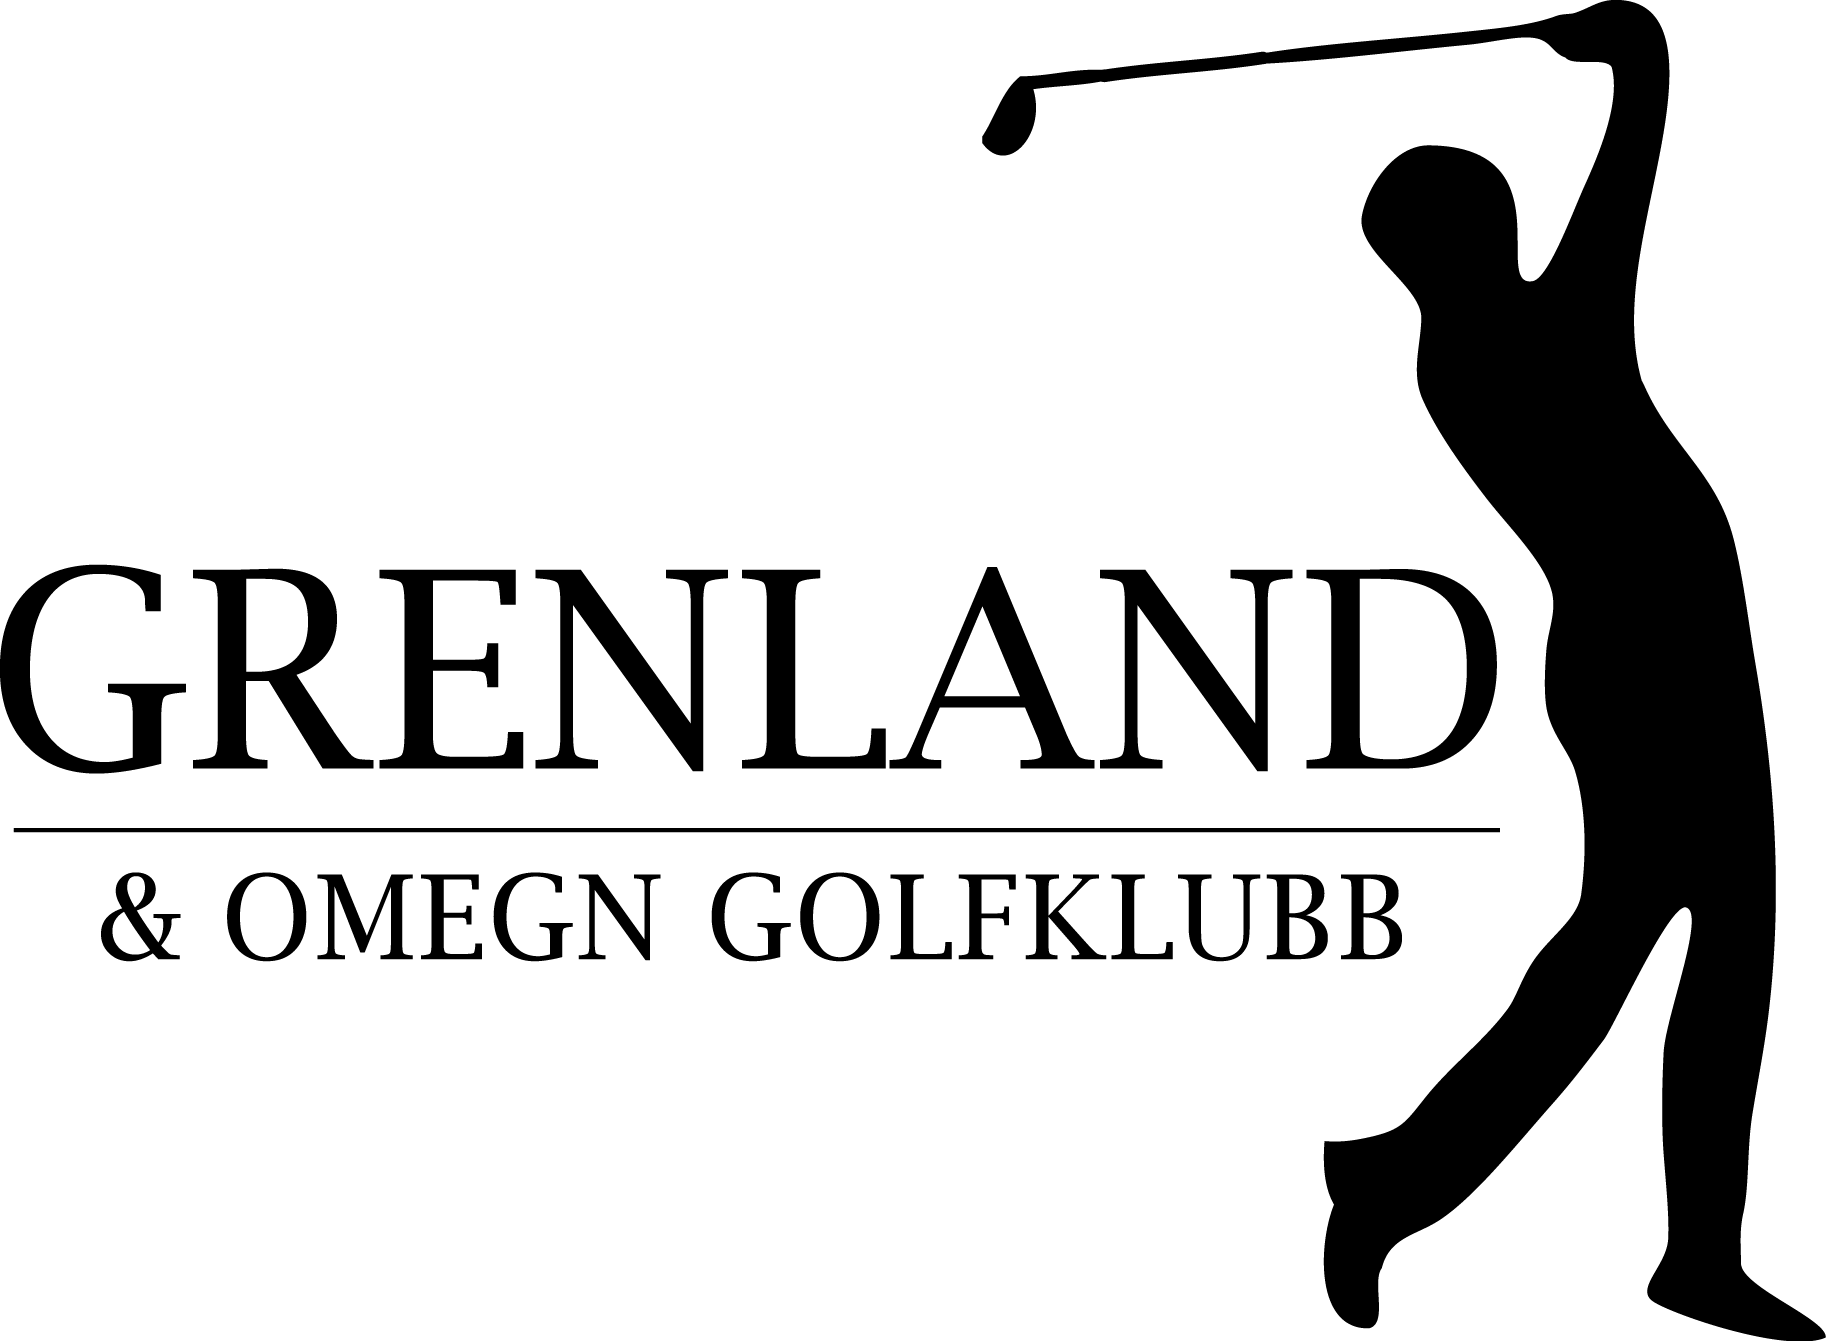 GRENLAND & OMEGN GOLFKLUBB